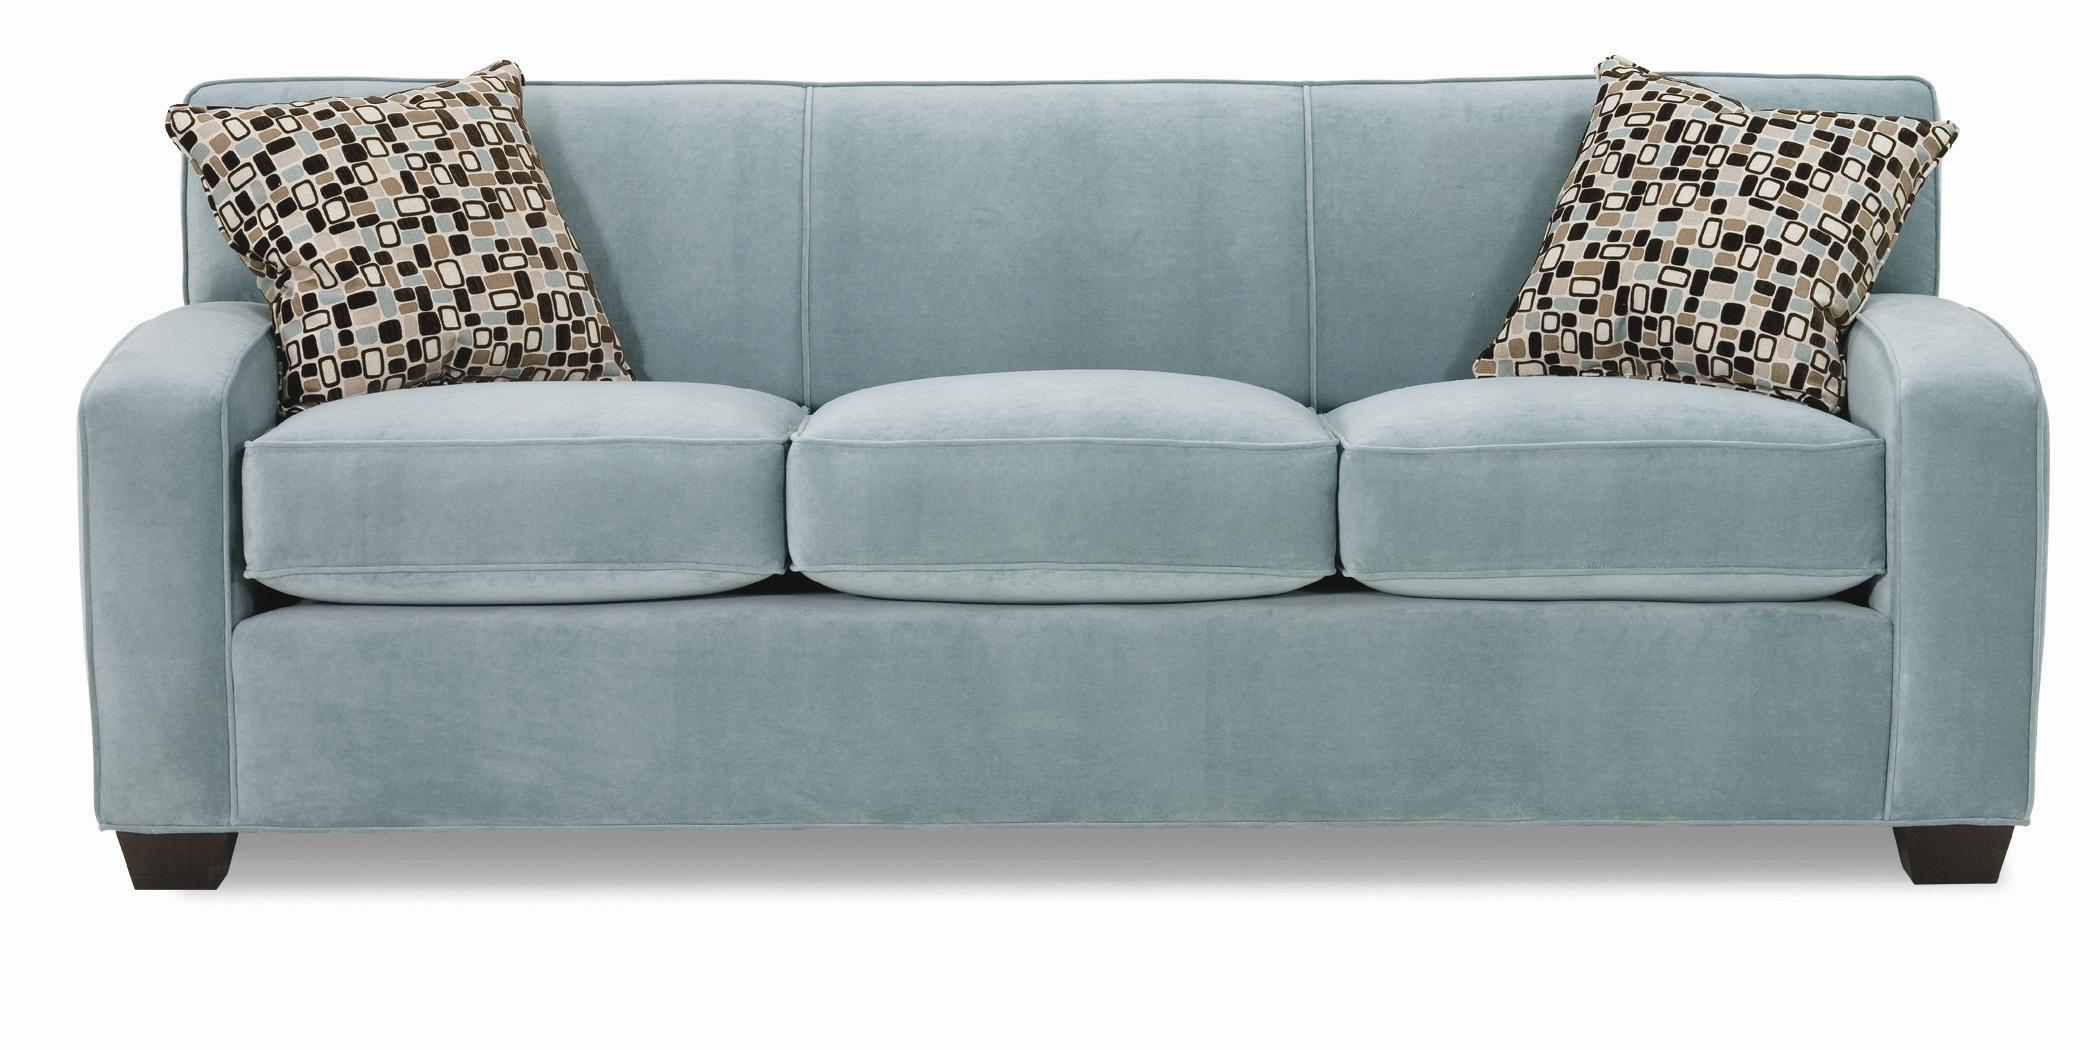 Horizon Sofa by Rowe at Bullard Furniture